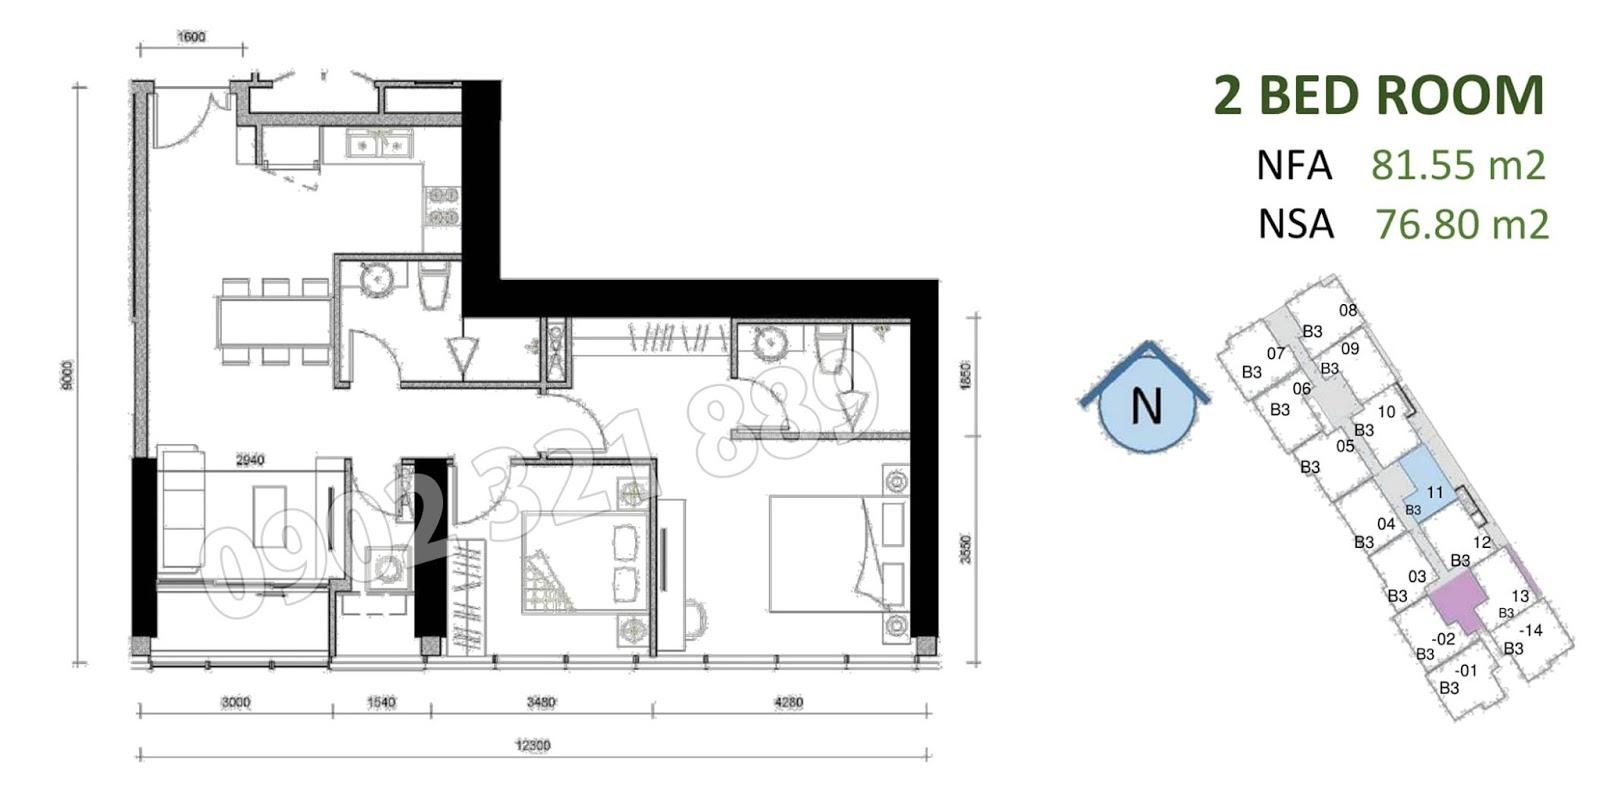 mặt bằng căn hộ sunwah pearl 2 phòng ngủ B3-11